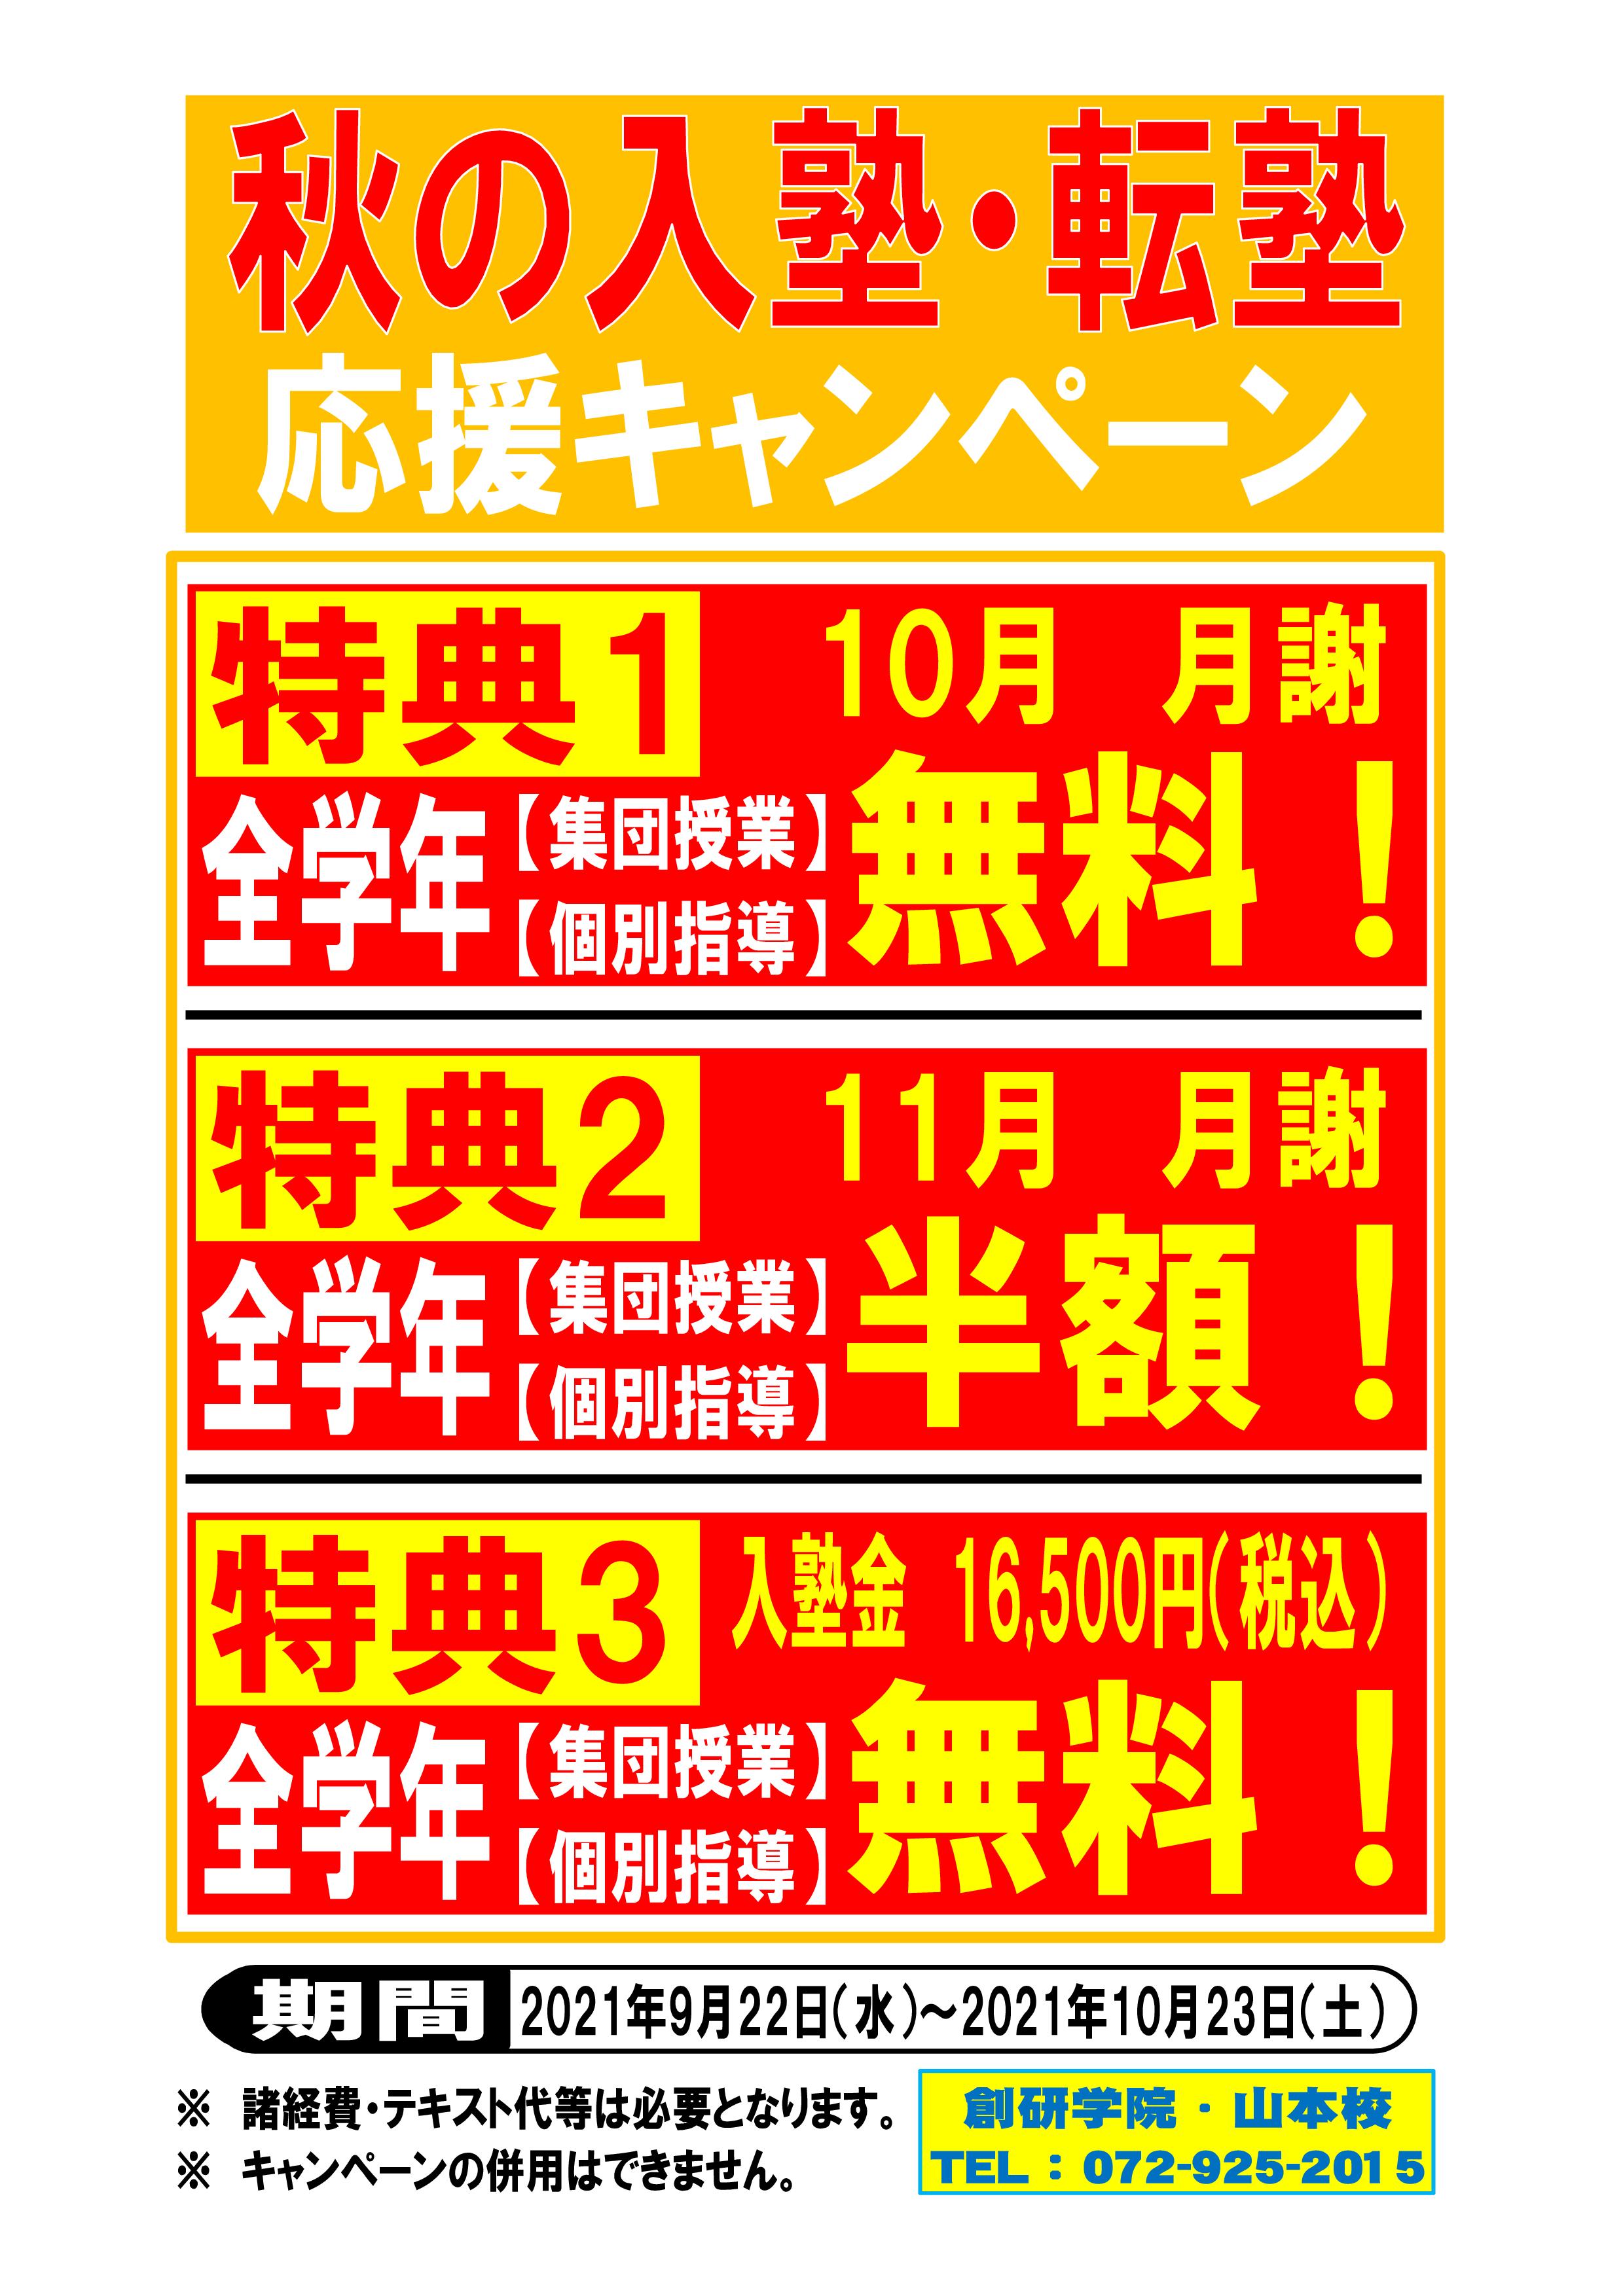 秋の入塾・転塾 応援キャンペーン